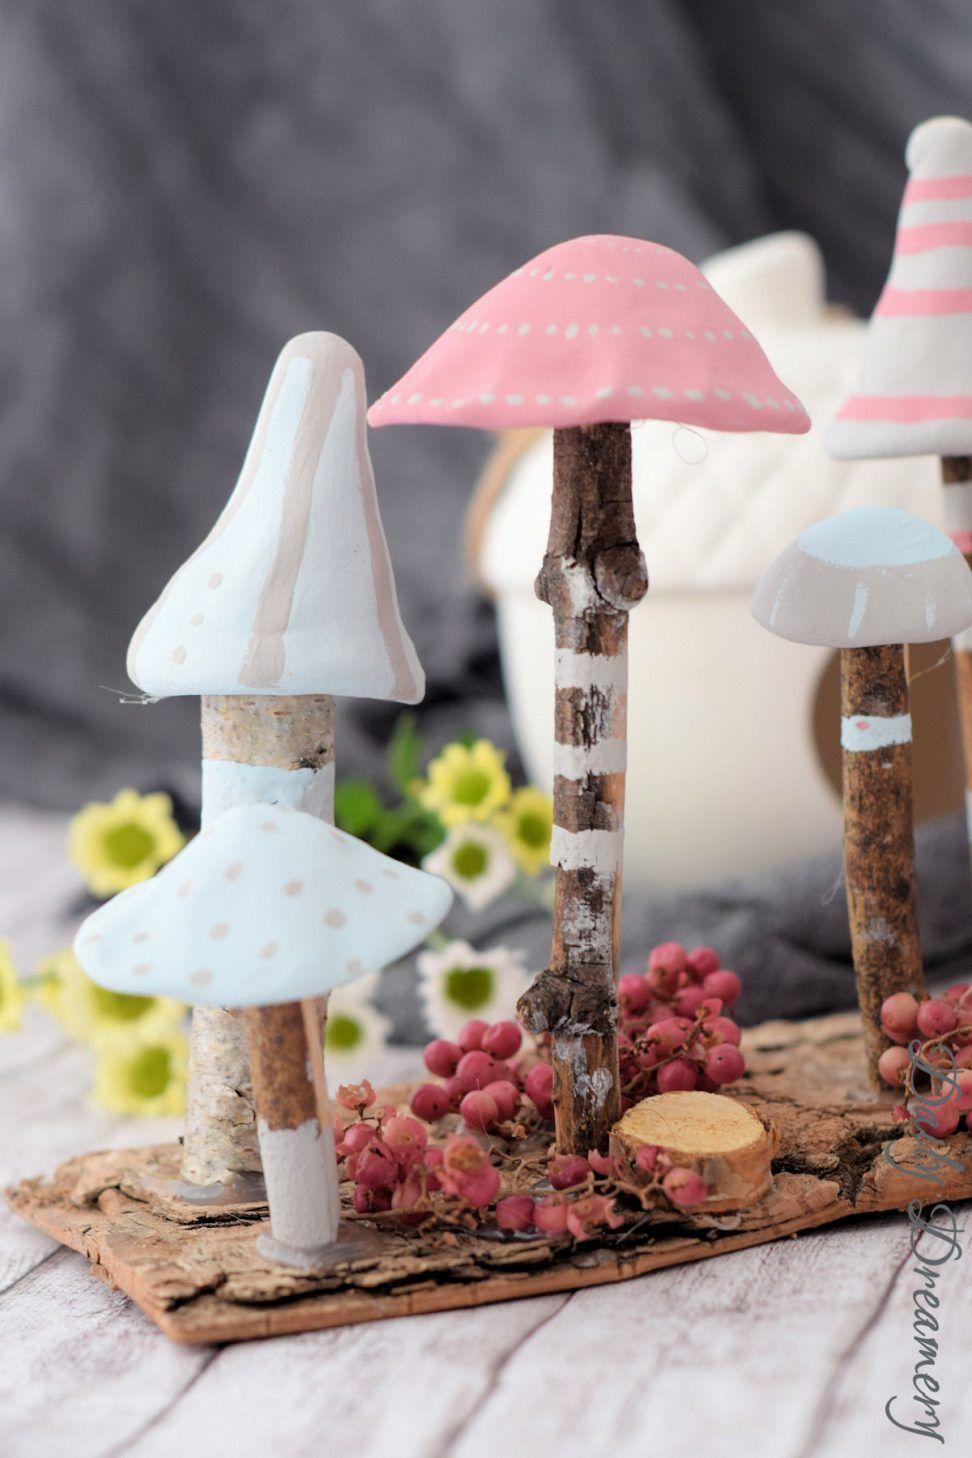 Zauberhafte Mini-Pilze - Herbst-Deko für ein stimmungsvolles Zuhause [Anzeige] – Daily Dreamery